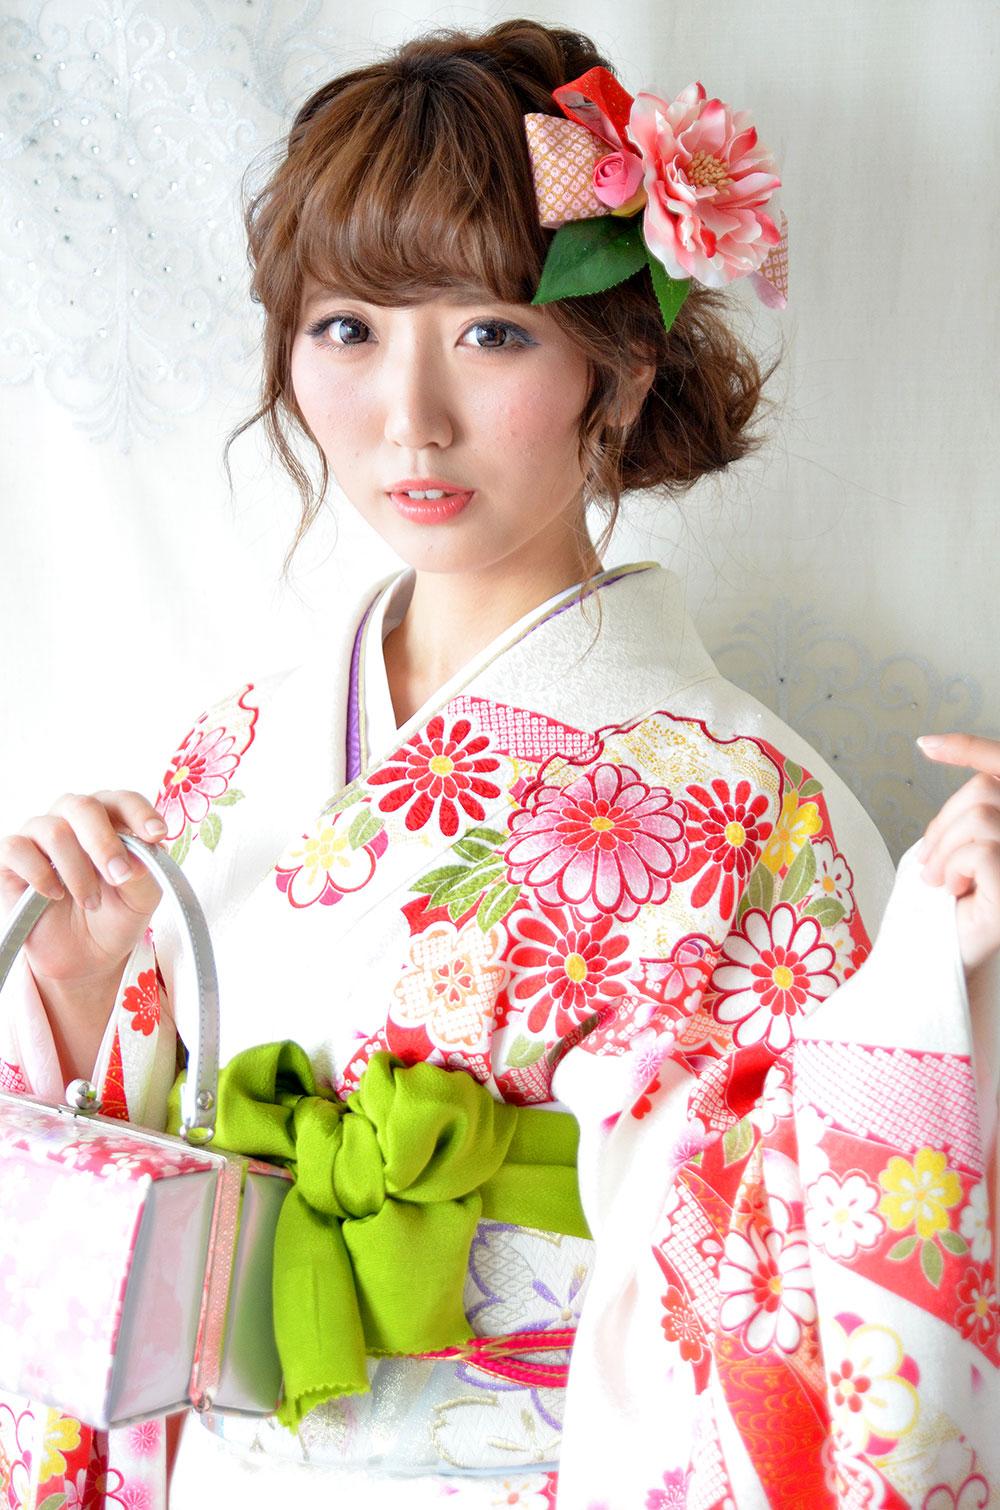 ヘッドドレス成人式 髪飾り【姫椿 ひめつばき】小春シリーズ